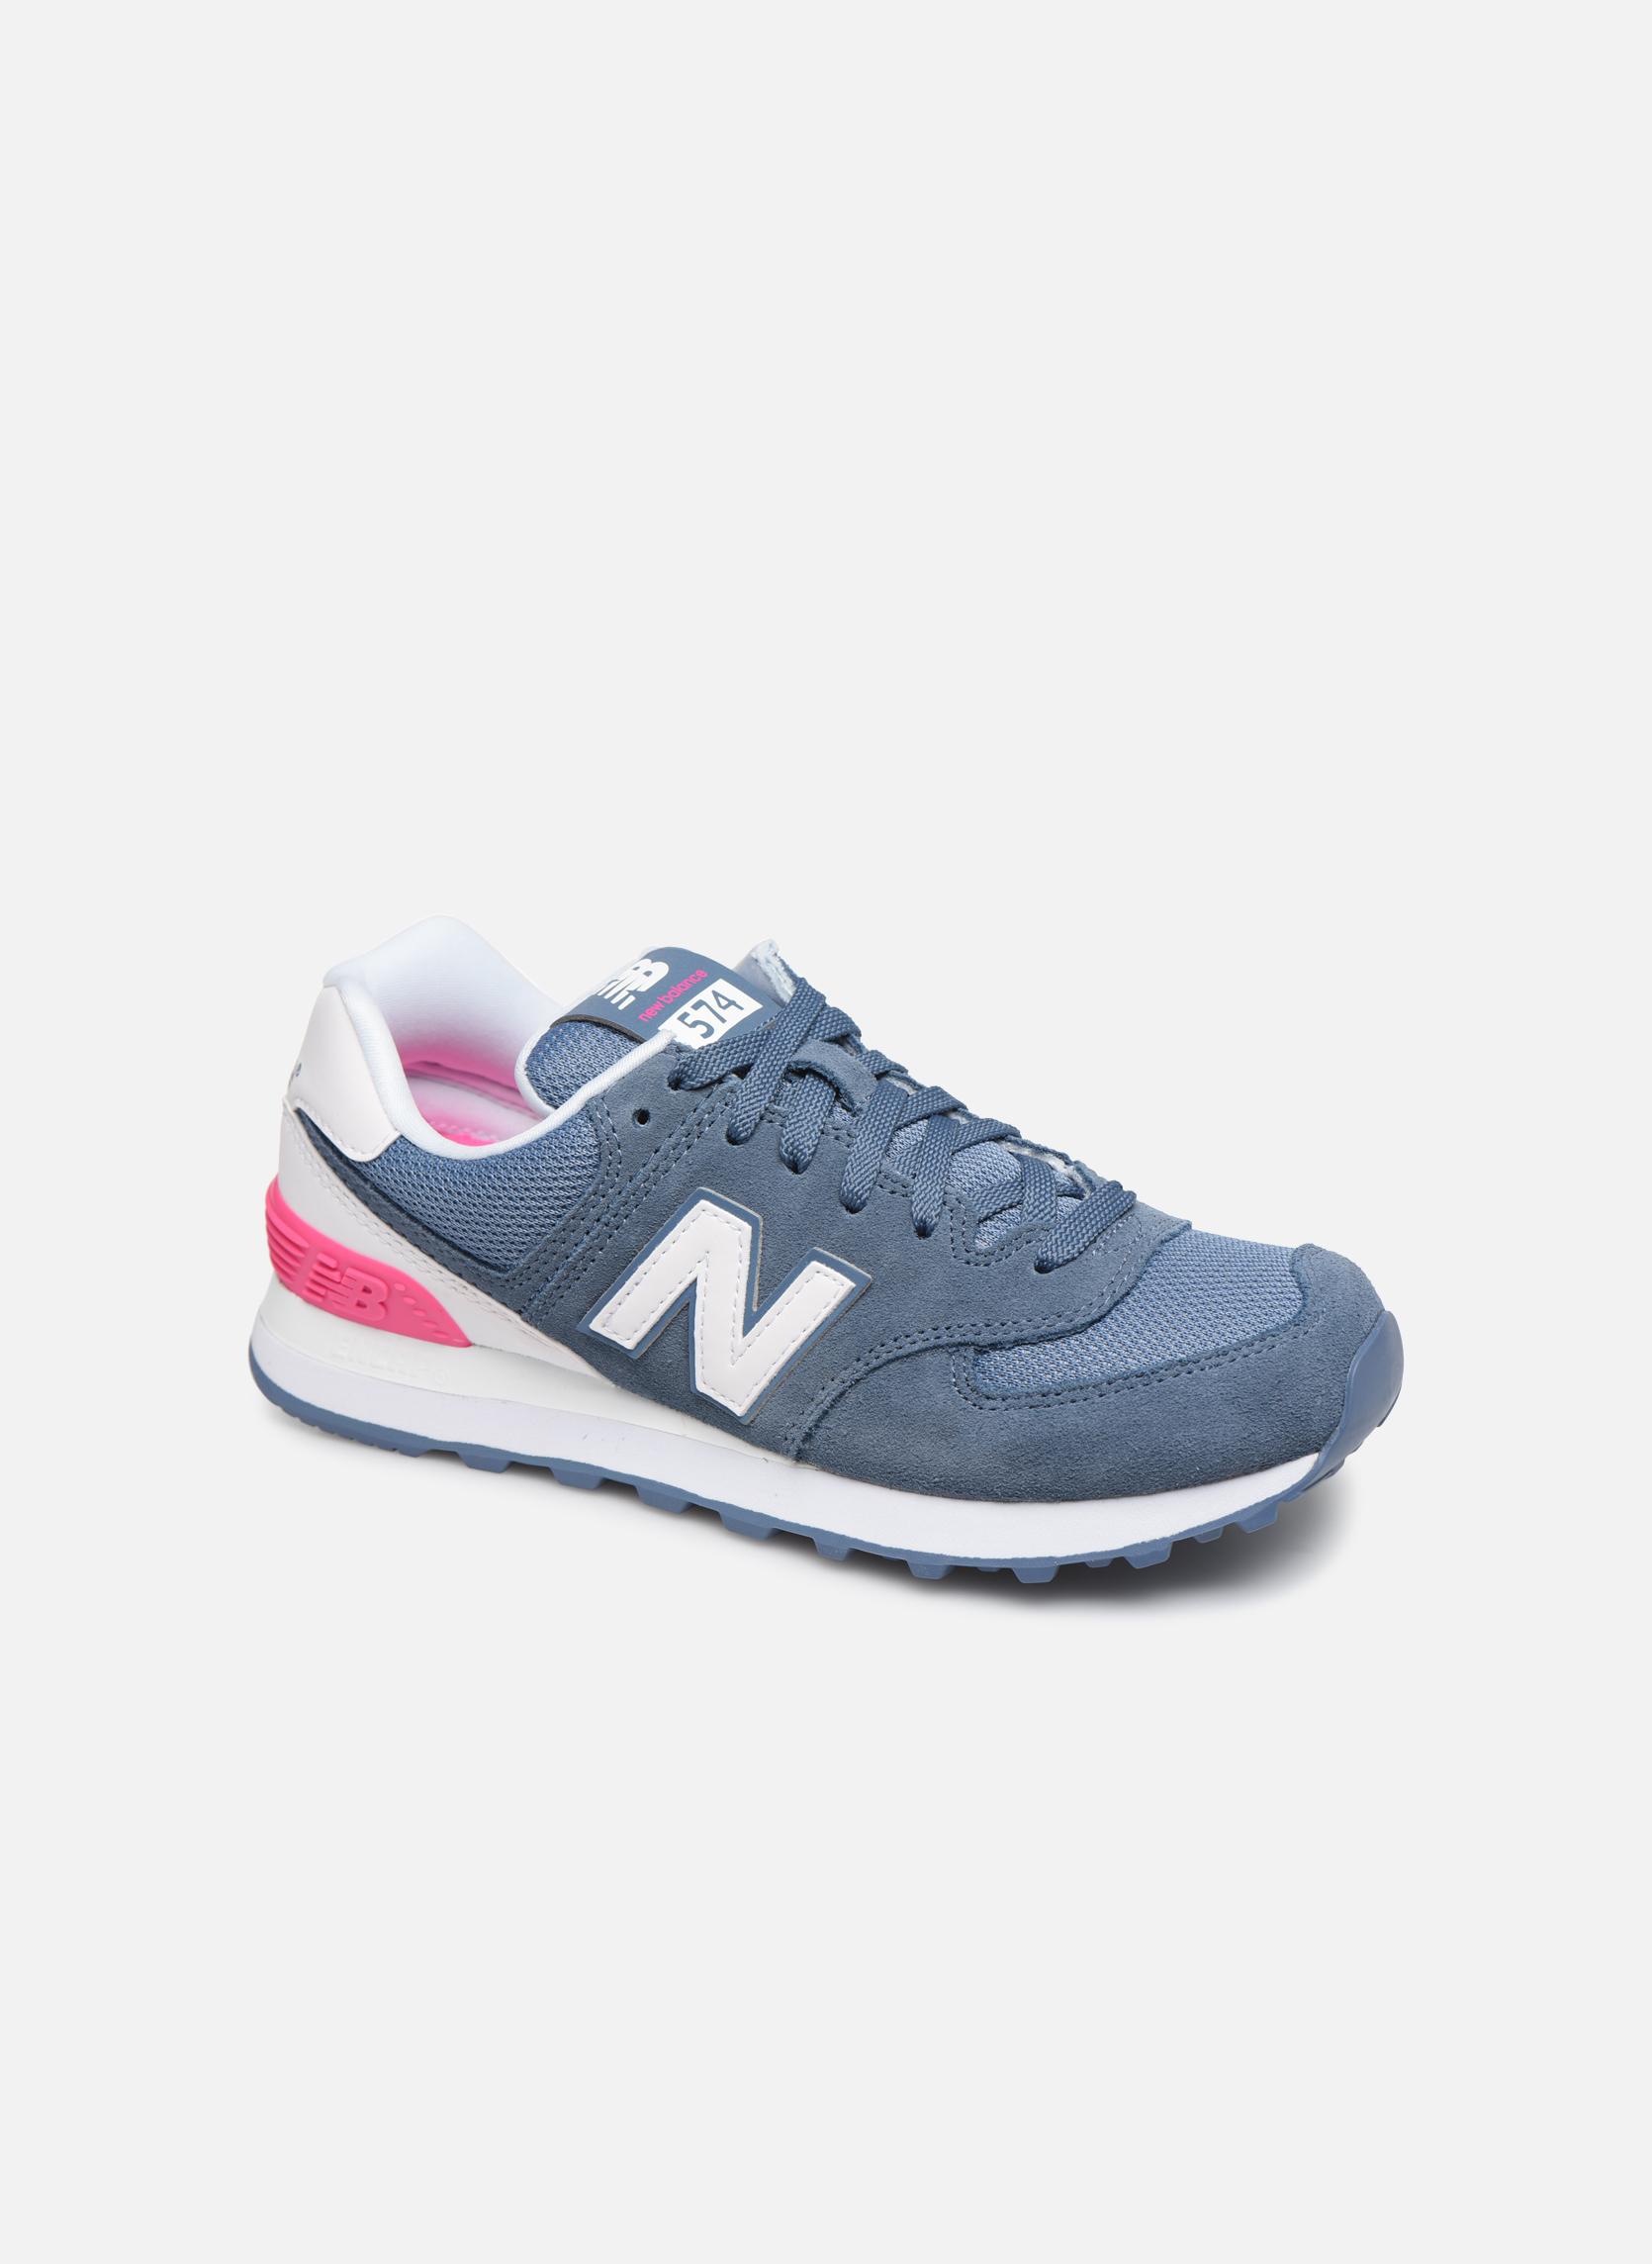 New Balance KL574 Beach Cruiser Grade - K - Puntera para botas y zapatos de Piel, color Azul, talla 37 EU